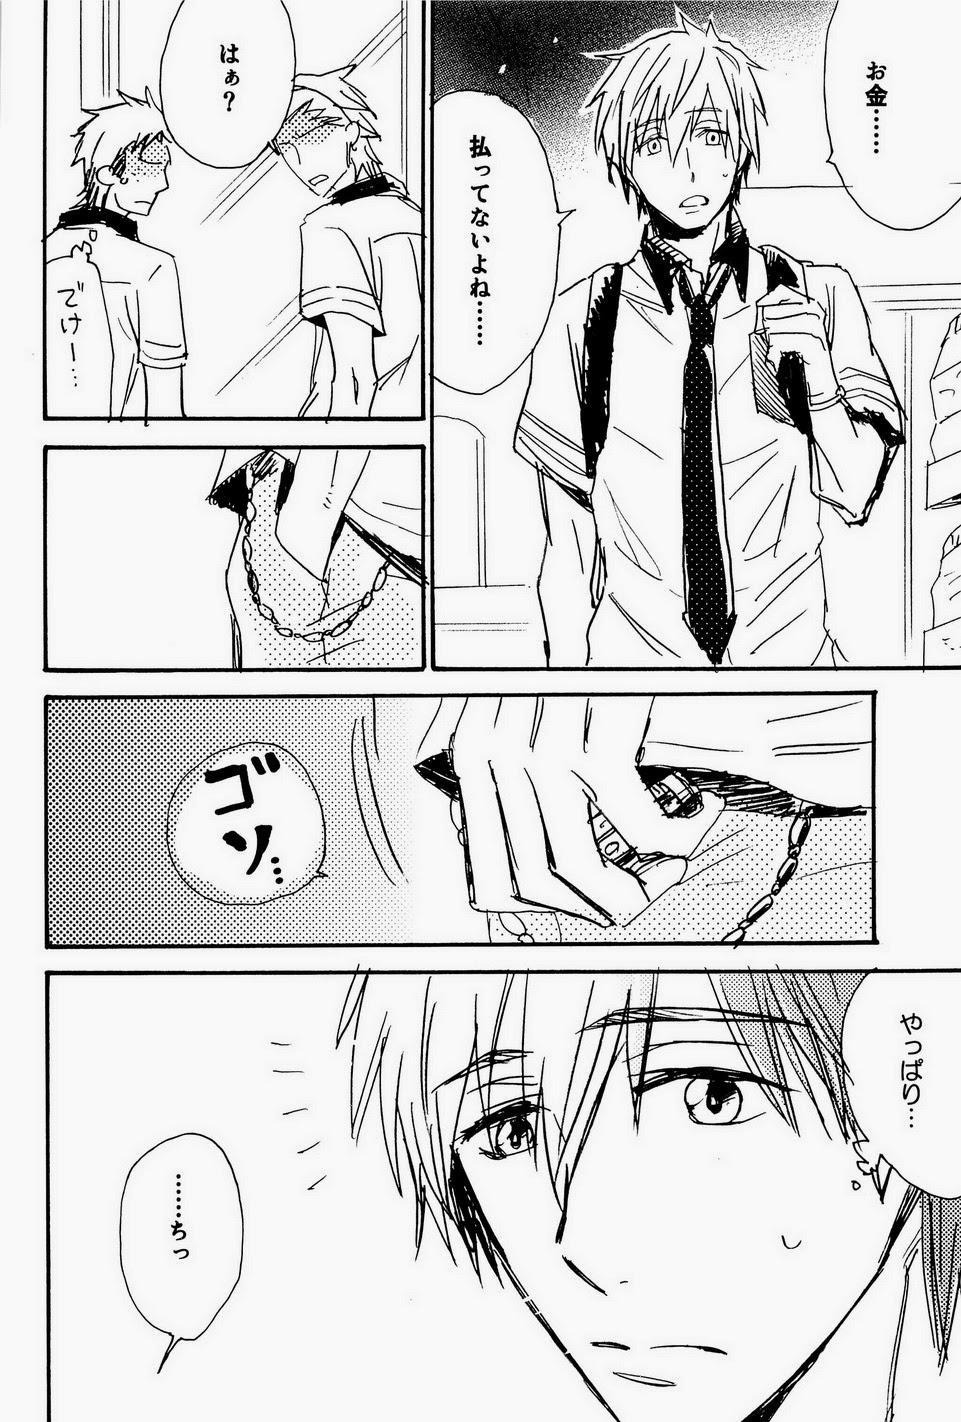 Ito mo Tayasuku Okonawareru Egetsunai Koui 5